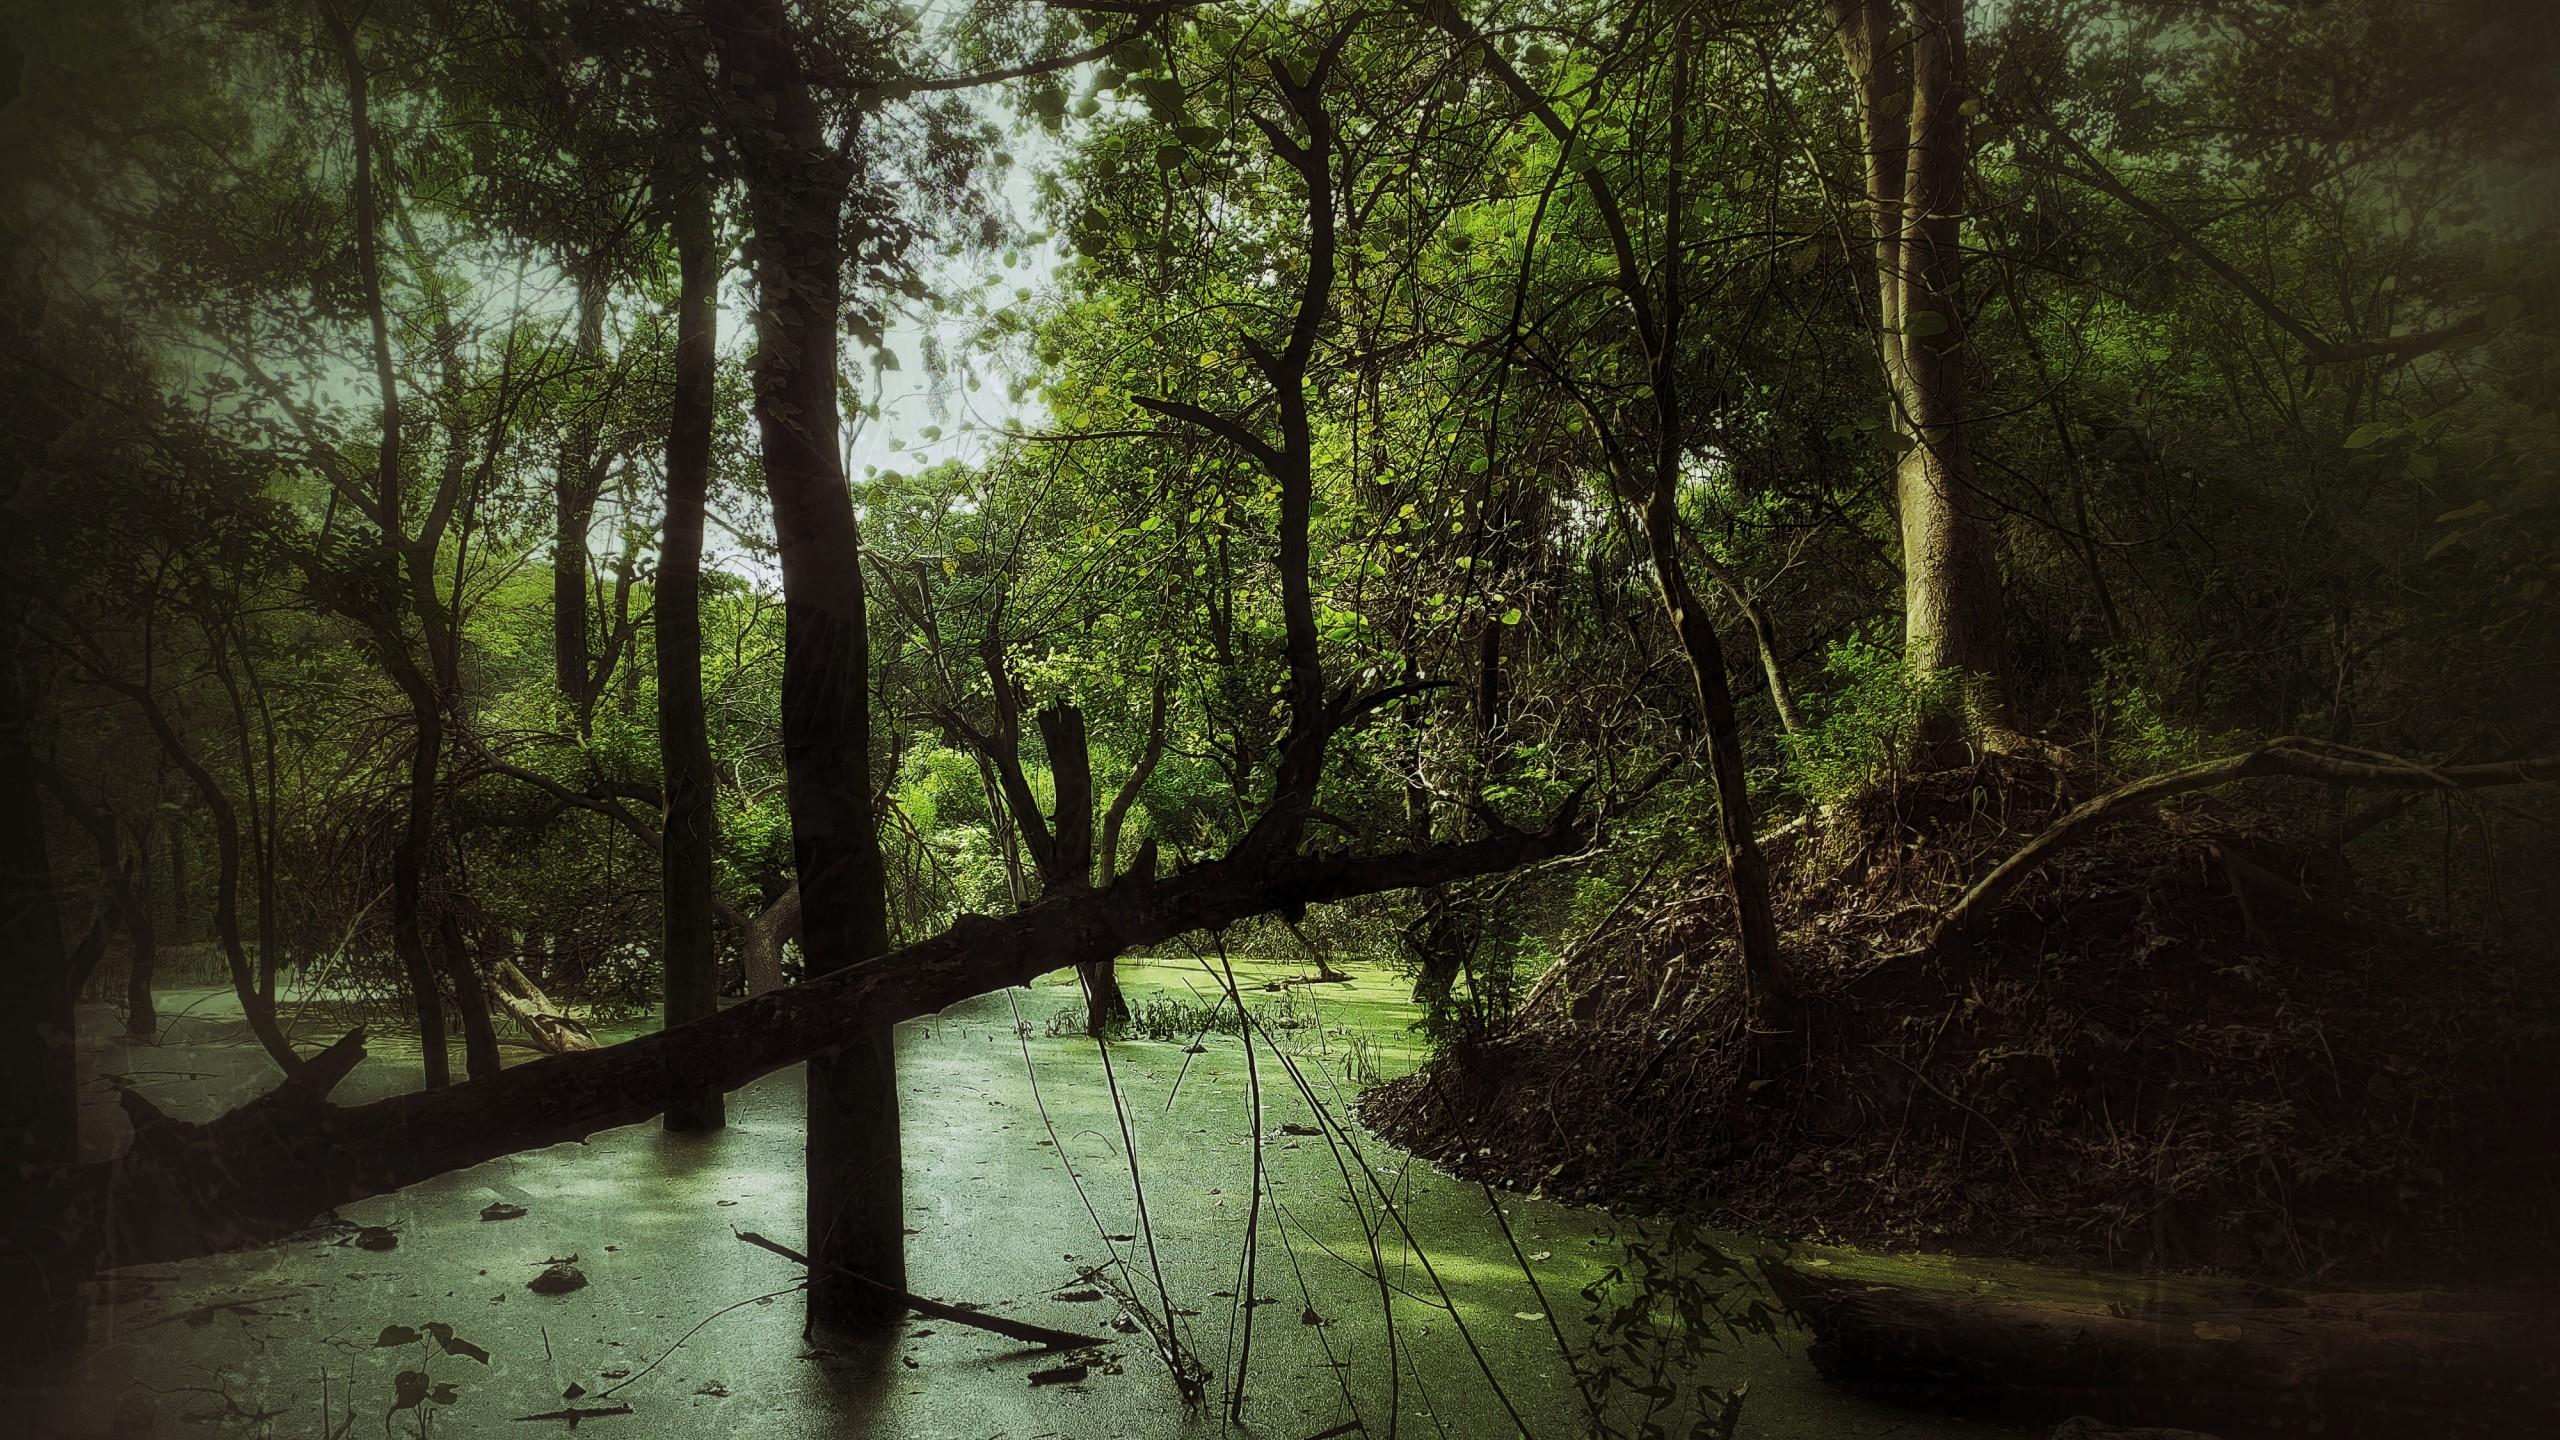 Dark and barren forest